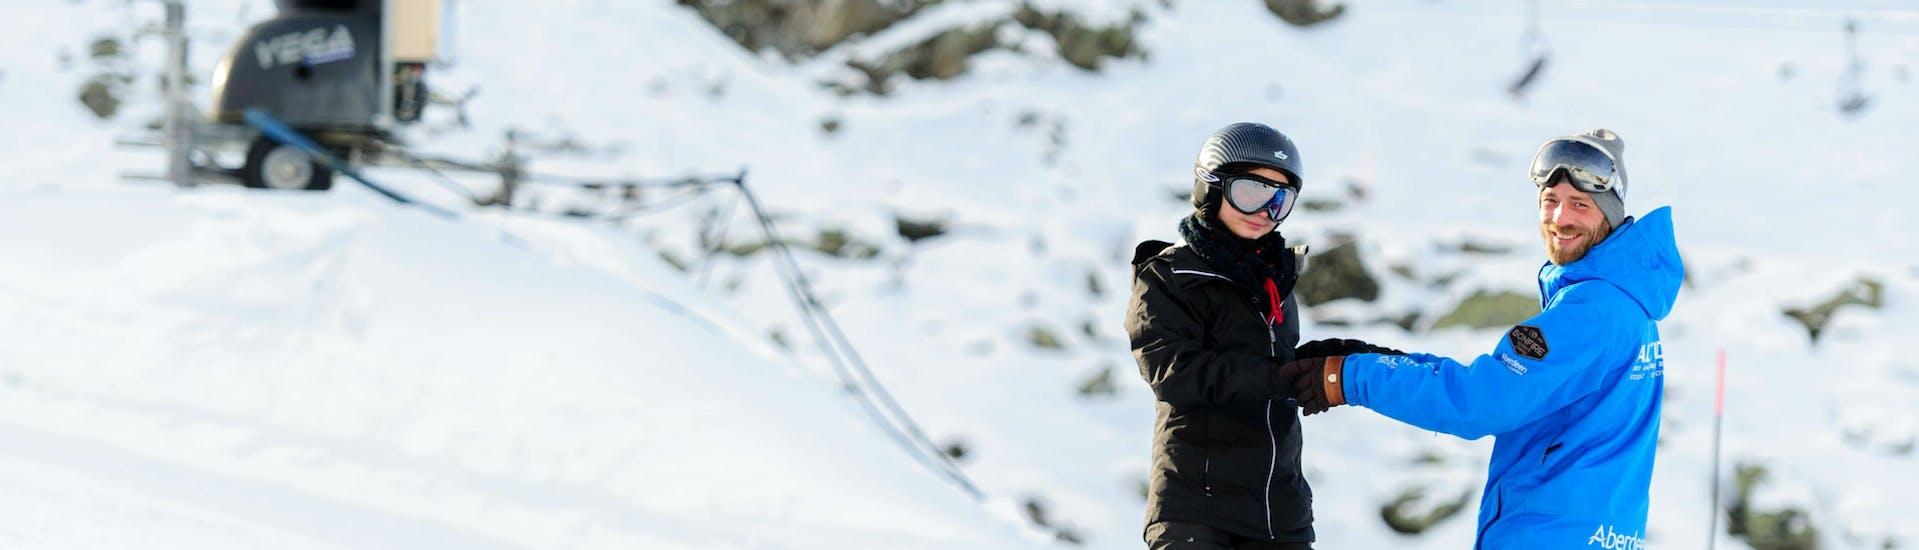 Cours particulier de snowboard pour Tous Niveaux à Gstaad avec Altitude Ski School Verbier & Gstaad - Hero image